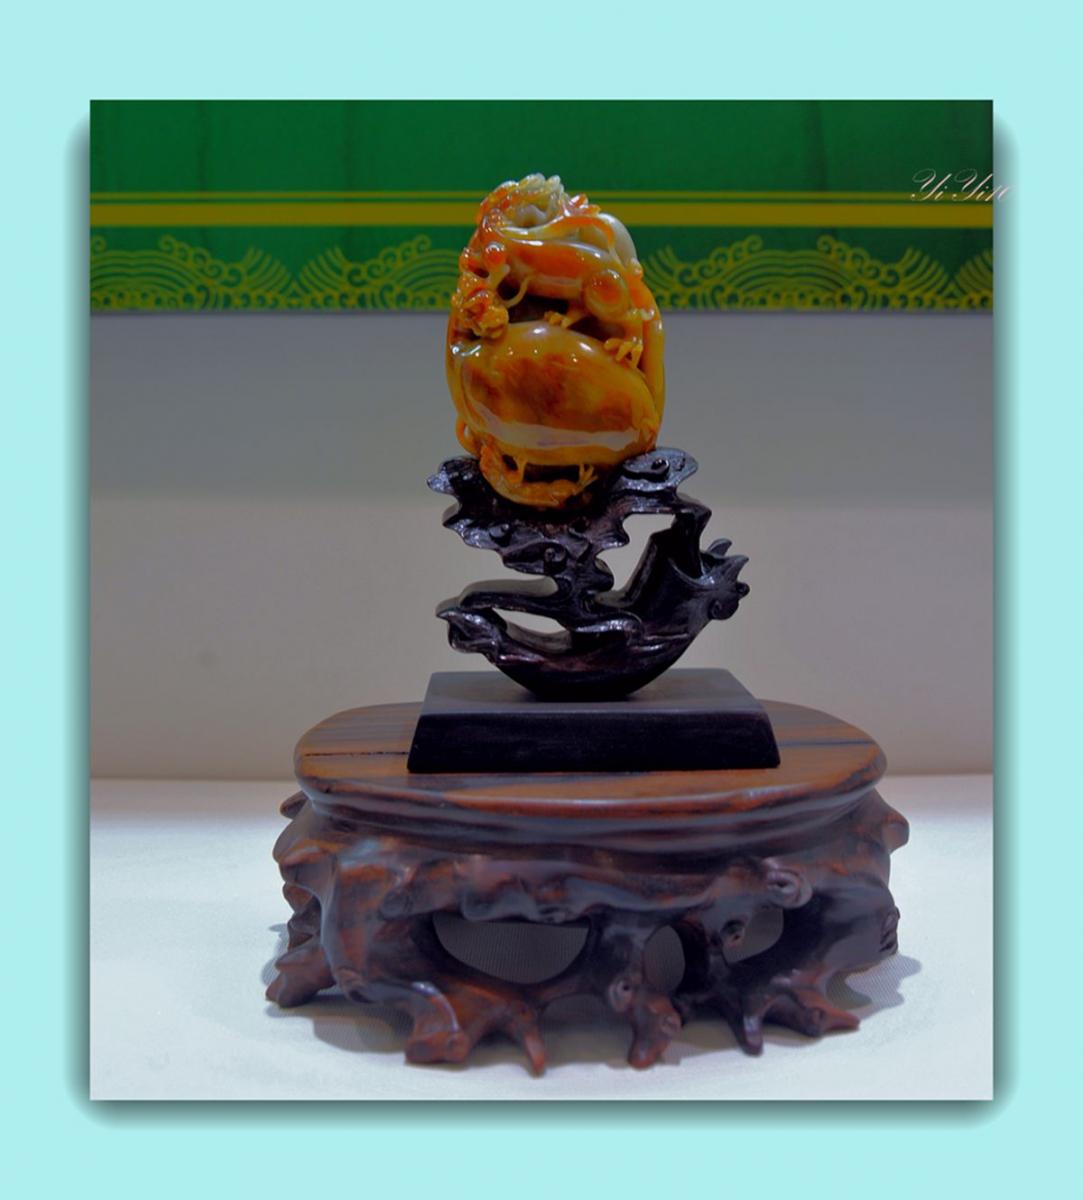 【原创】玉石雕刻(摄影)_图1-21